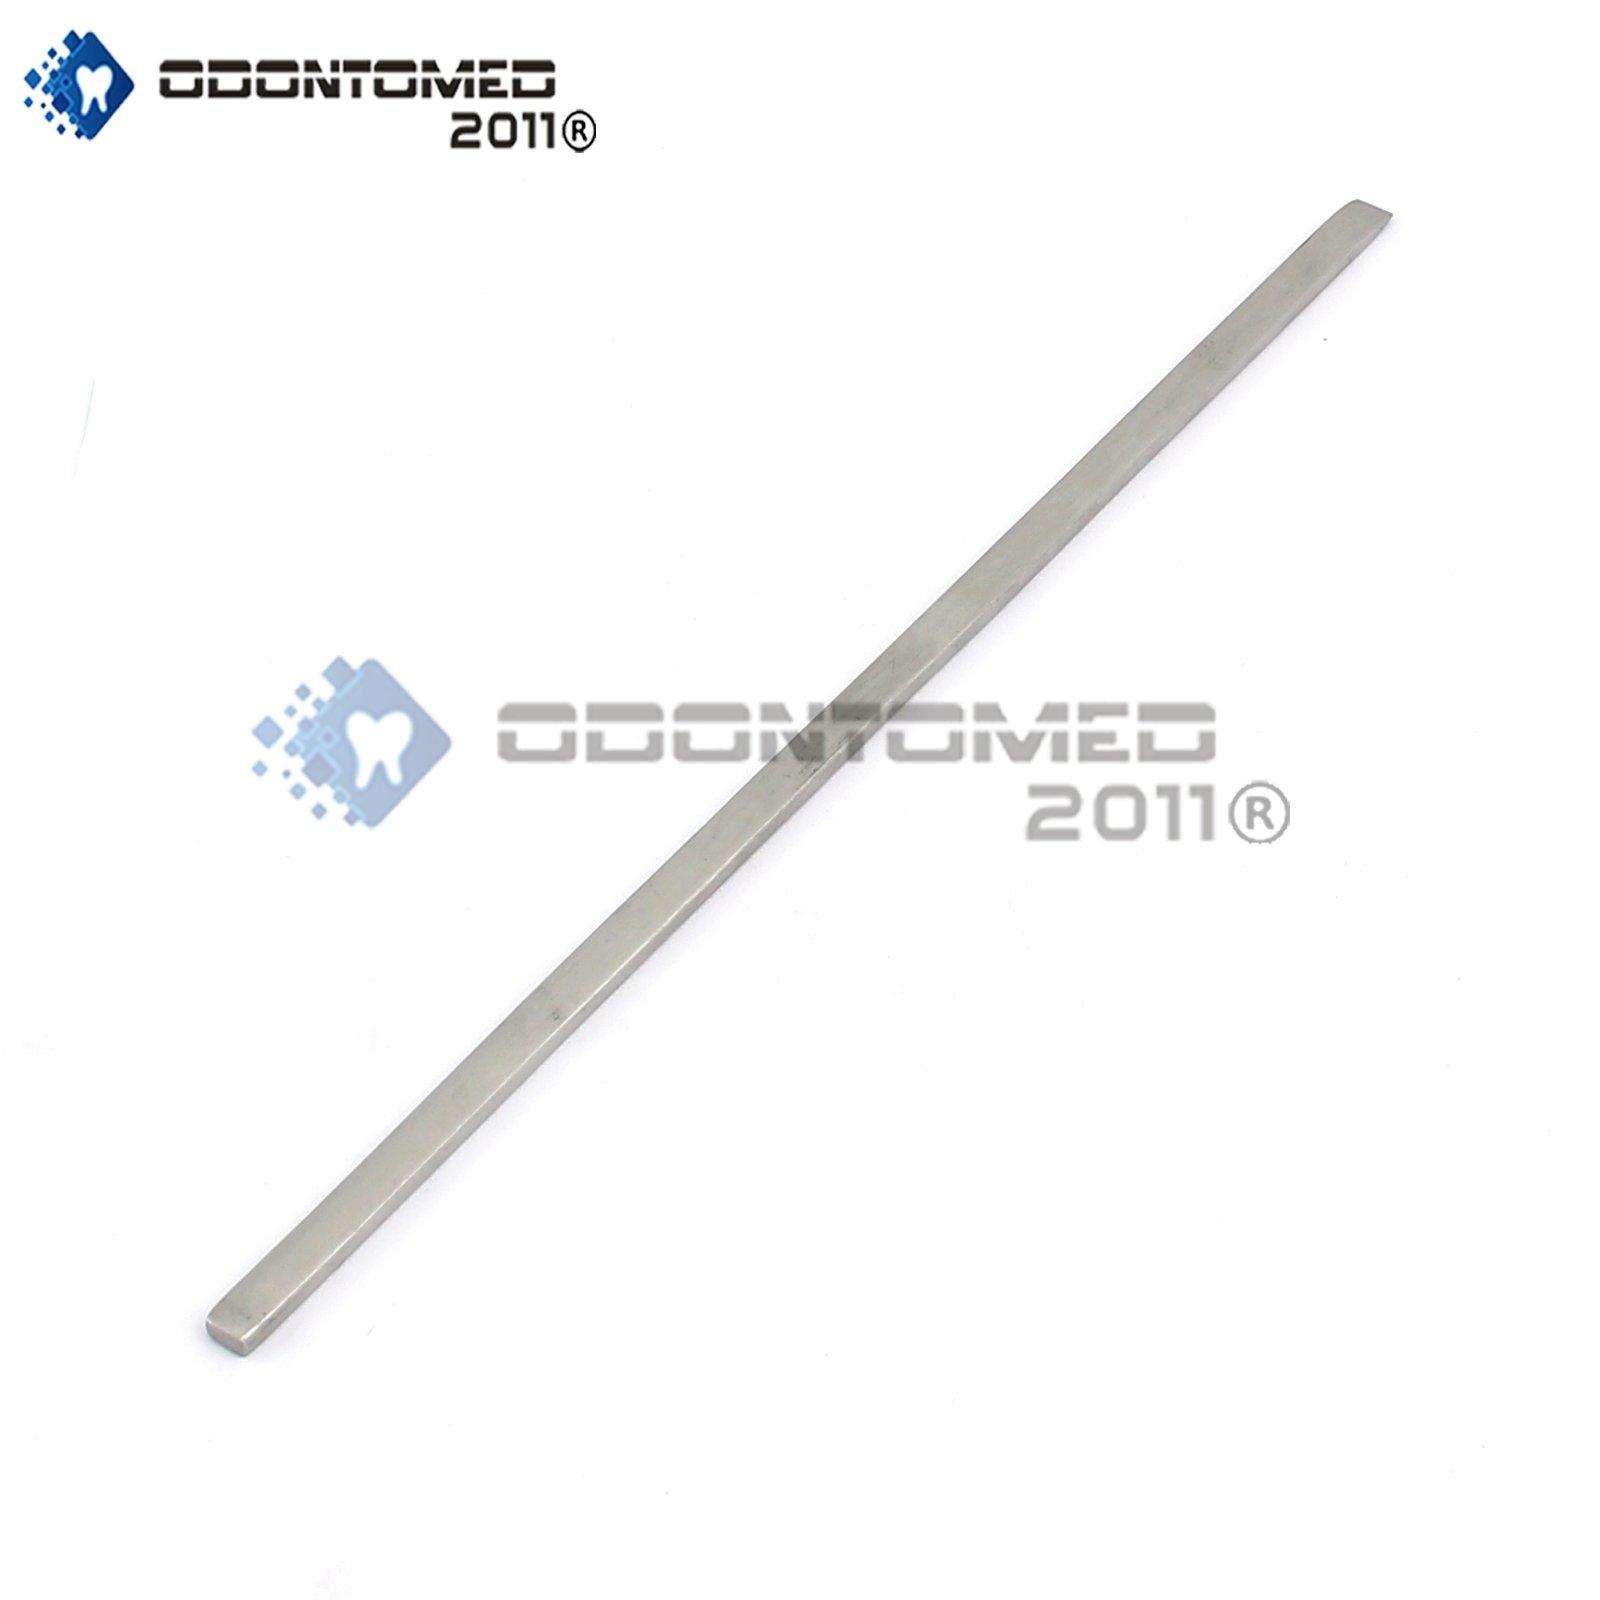 """OdontoMed2011® LAMBOTTE OSTEOTOMES 7.25"""" 4MM GERMAN GRADE ODM"""